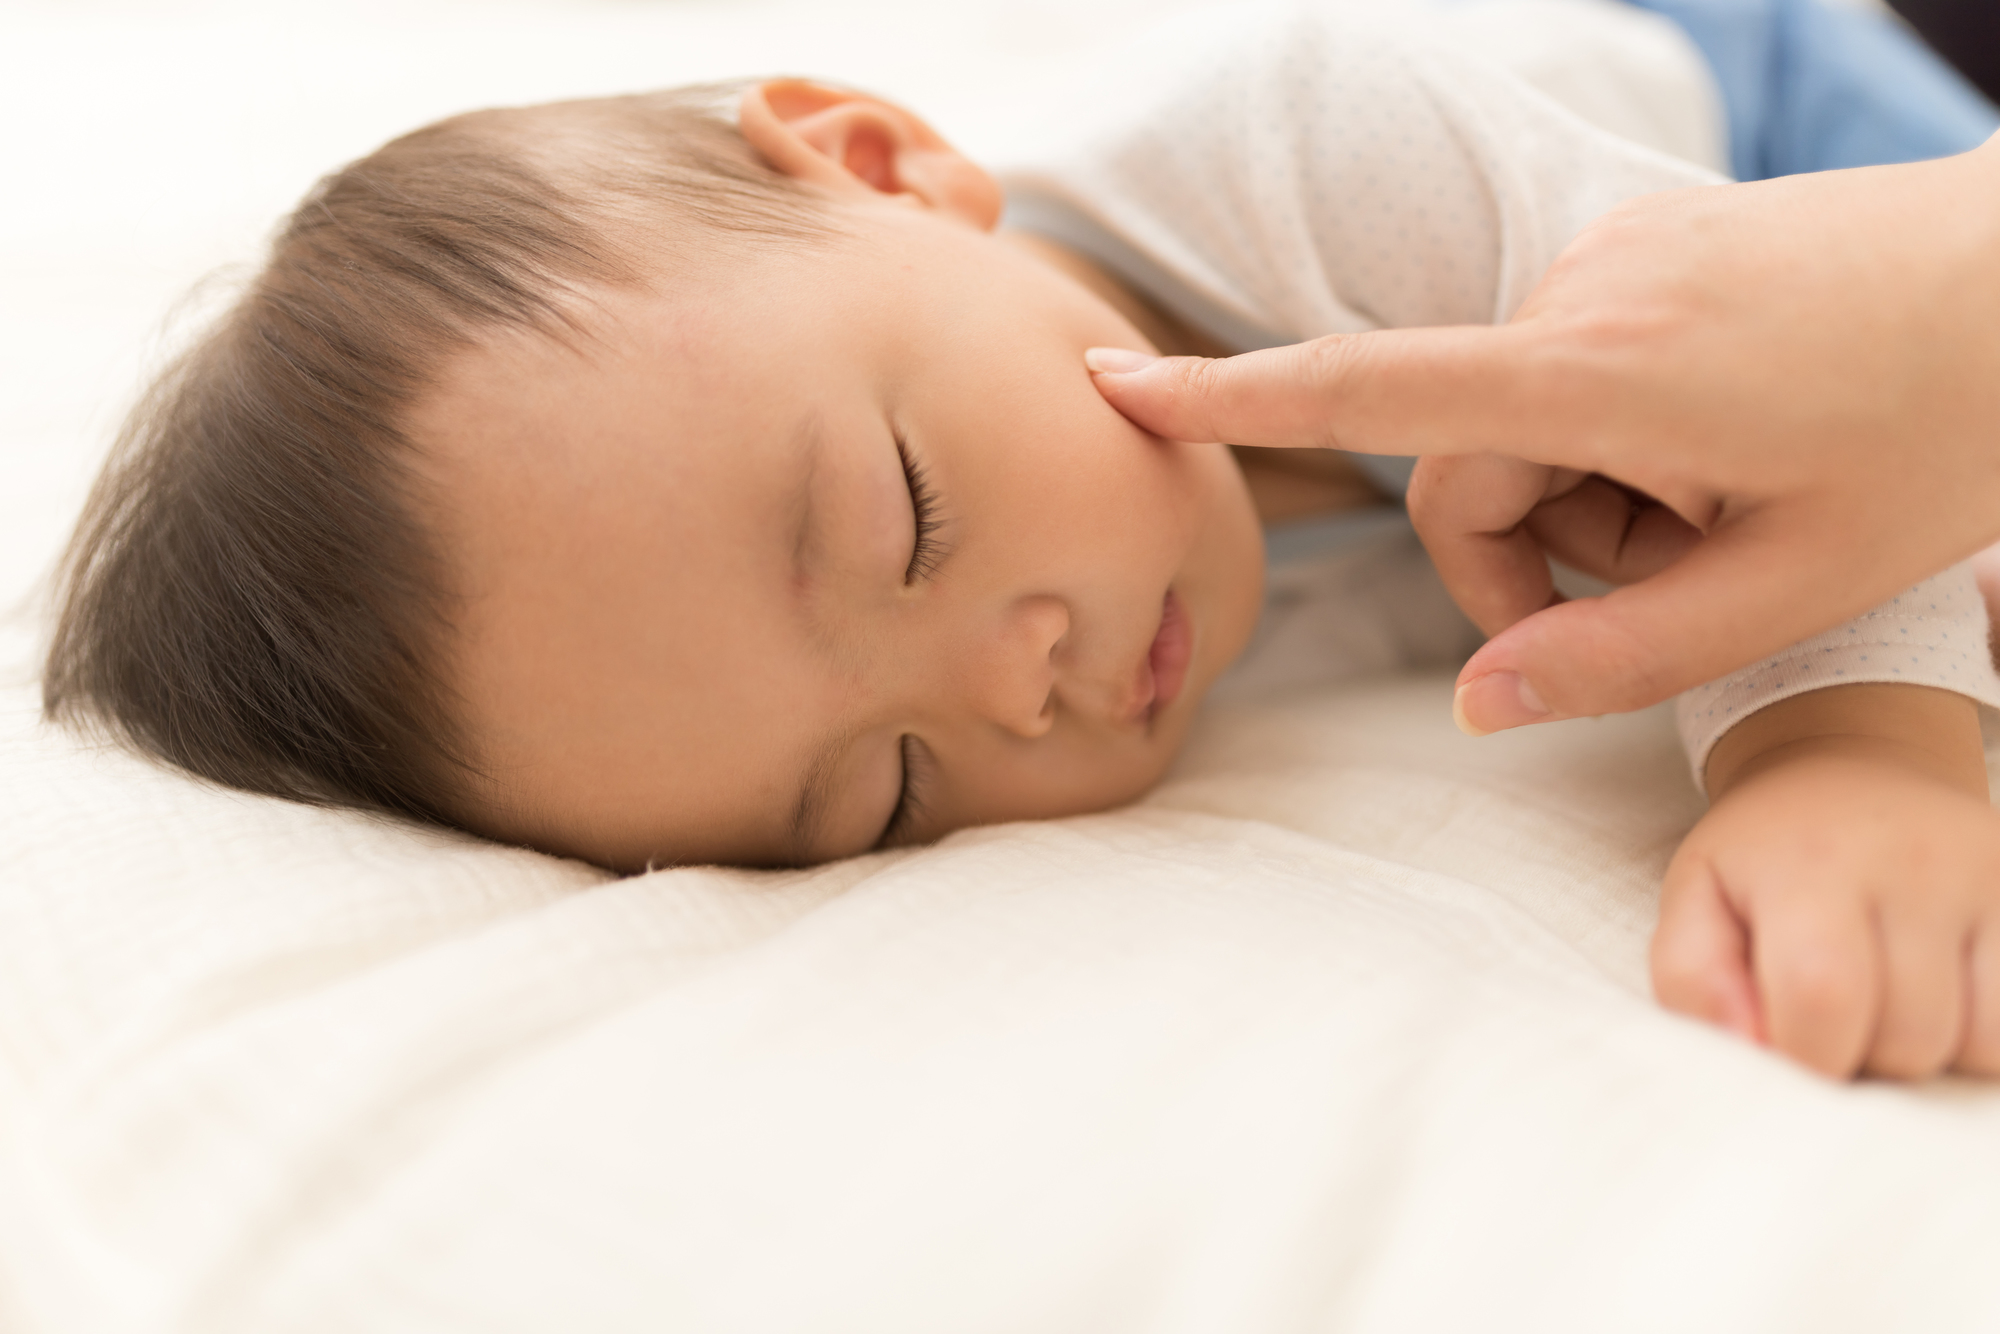 赤ちゃんの症状に対するインフルエンザ